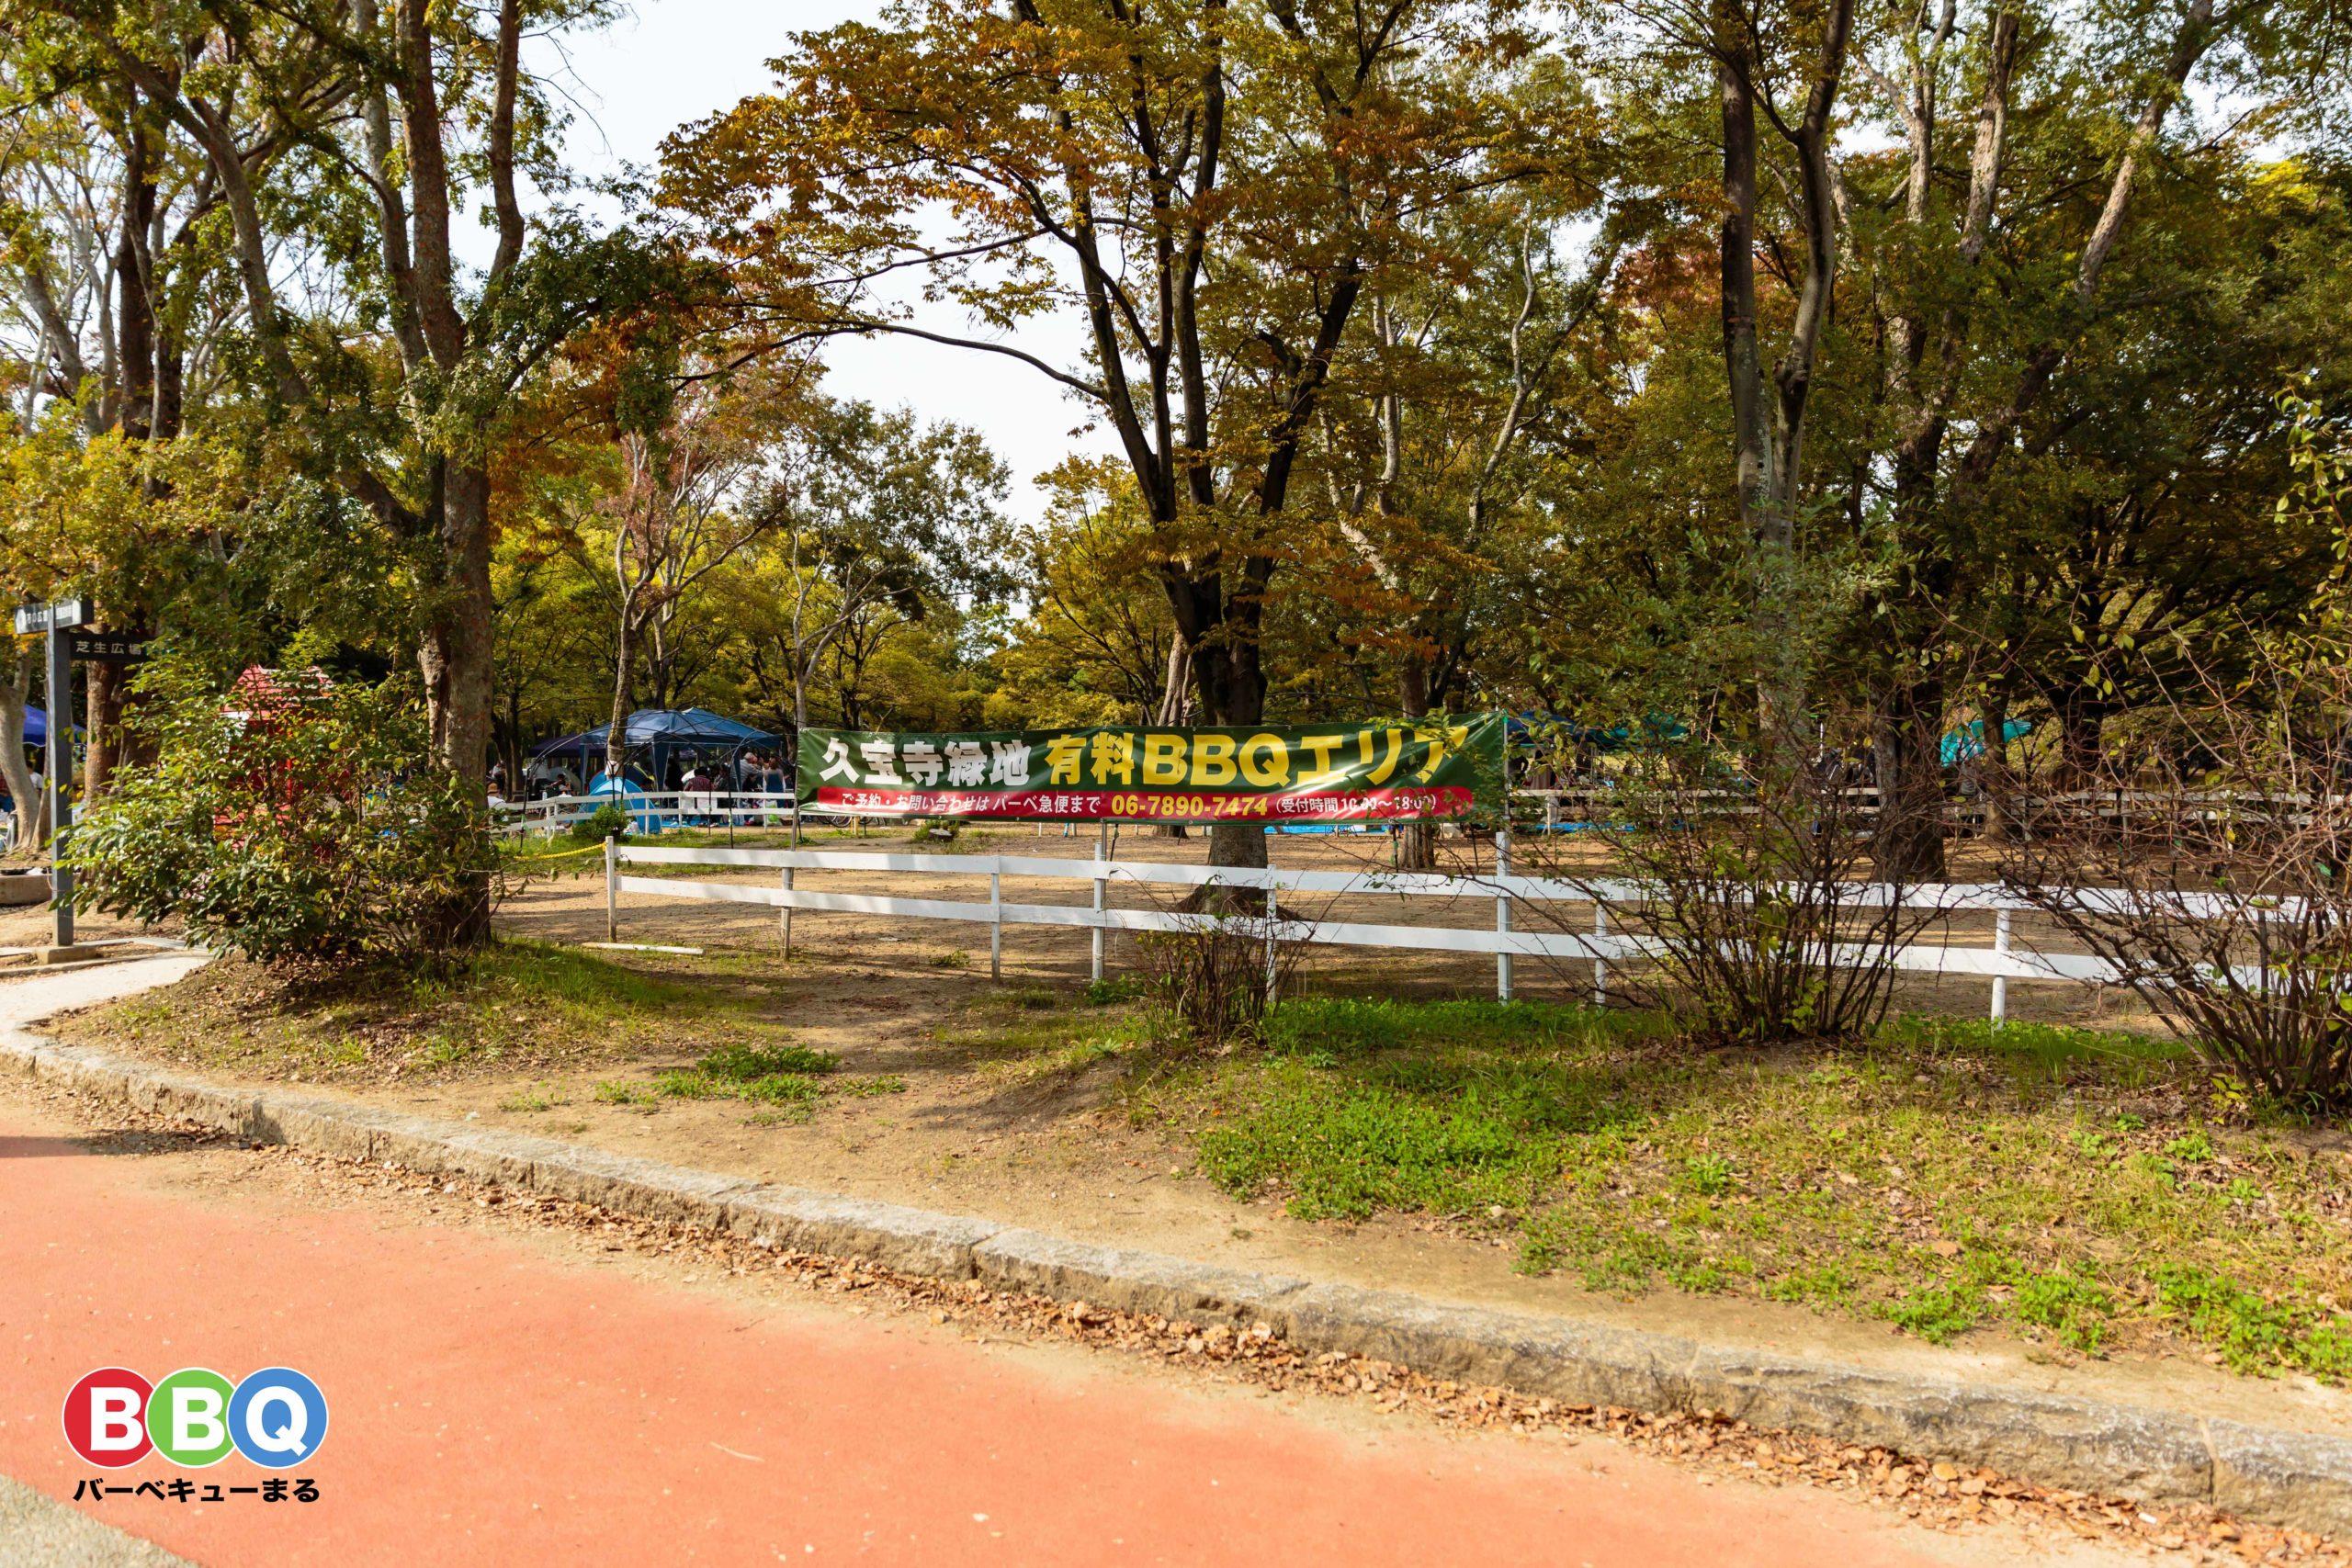 久宝寺緑地公園の有料バーベキューコーナー